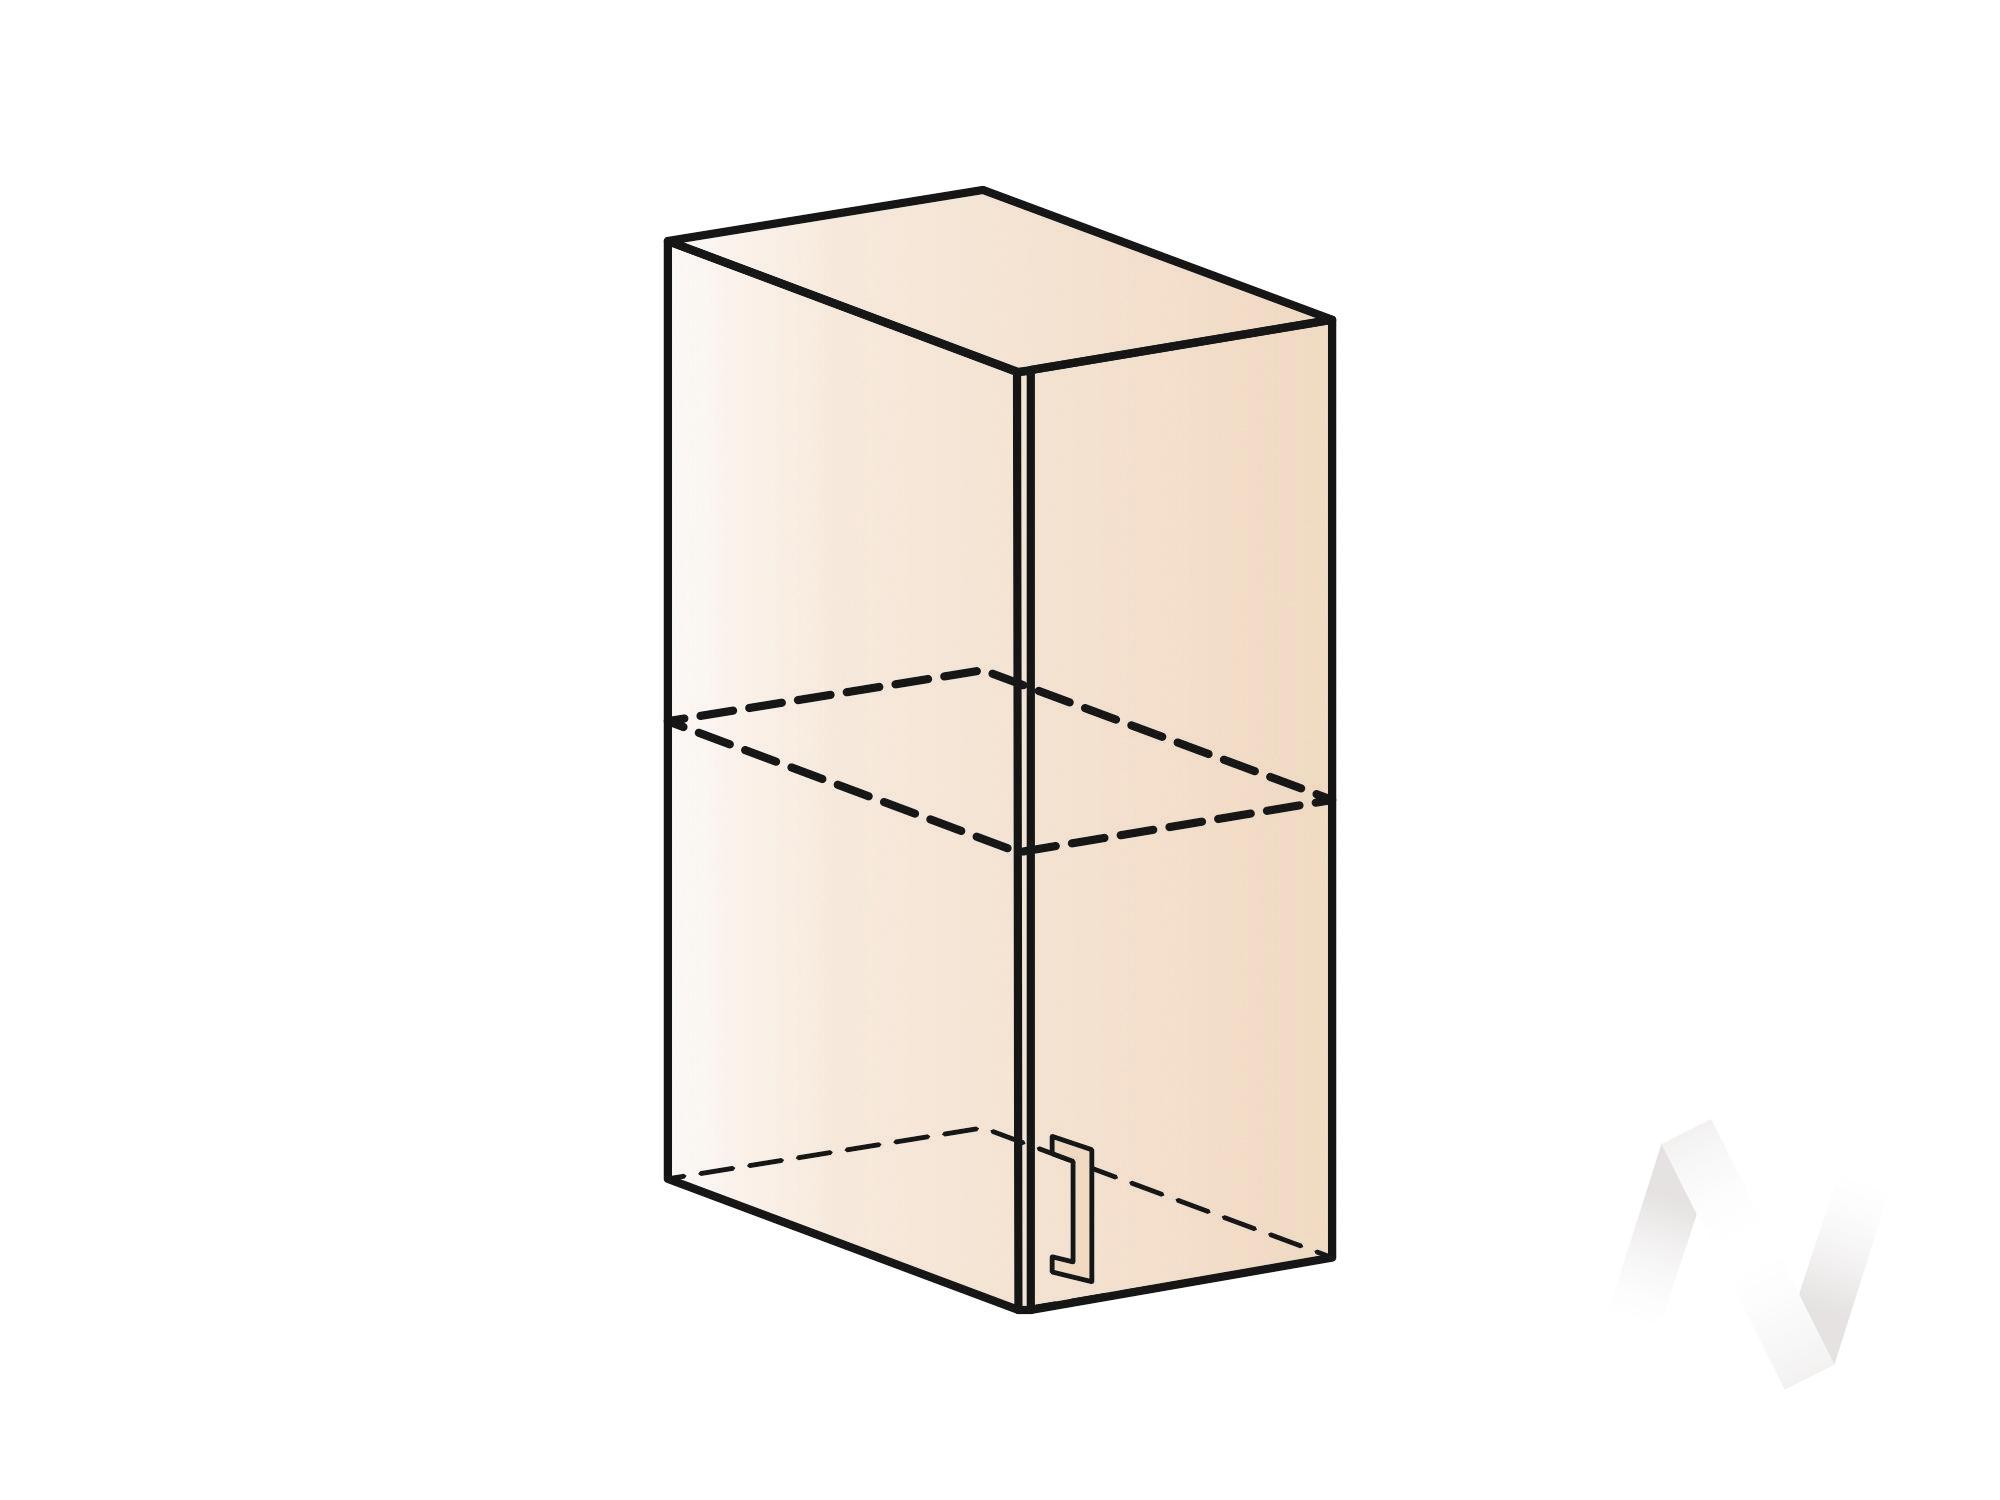 """Кухня """"Люкс"""": Шкаф верхний 300, ШВ 300 (Шелк венге/корпус венге) в Томске — авторская мебель Экостиль"""